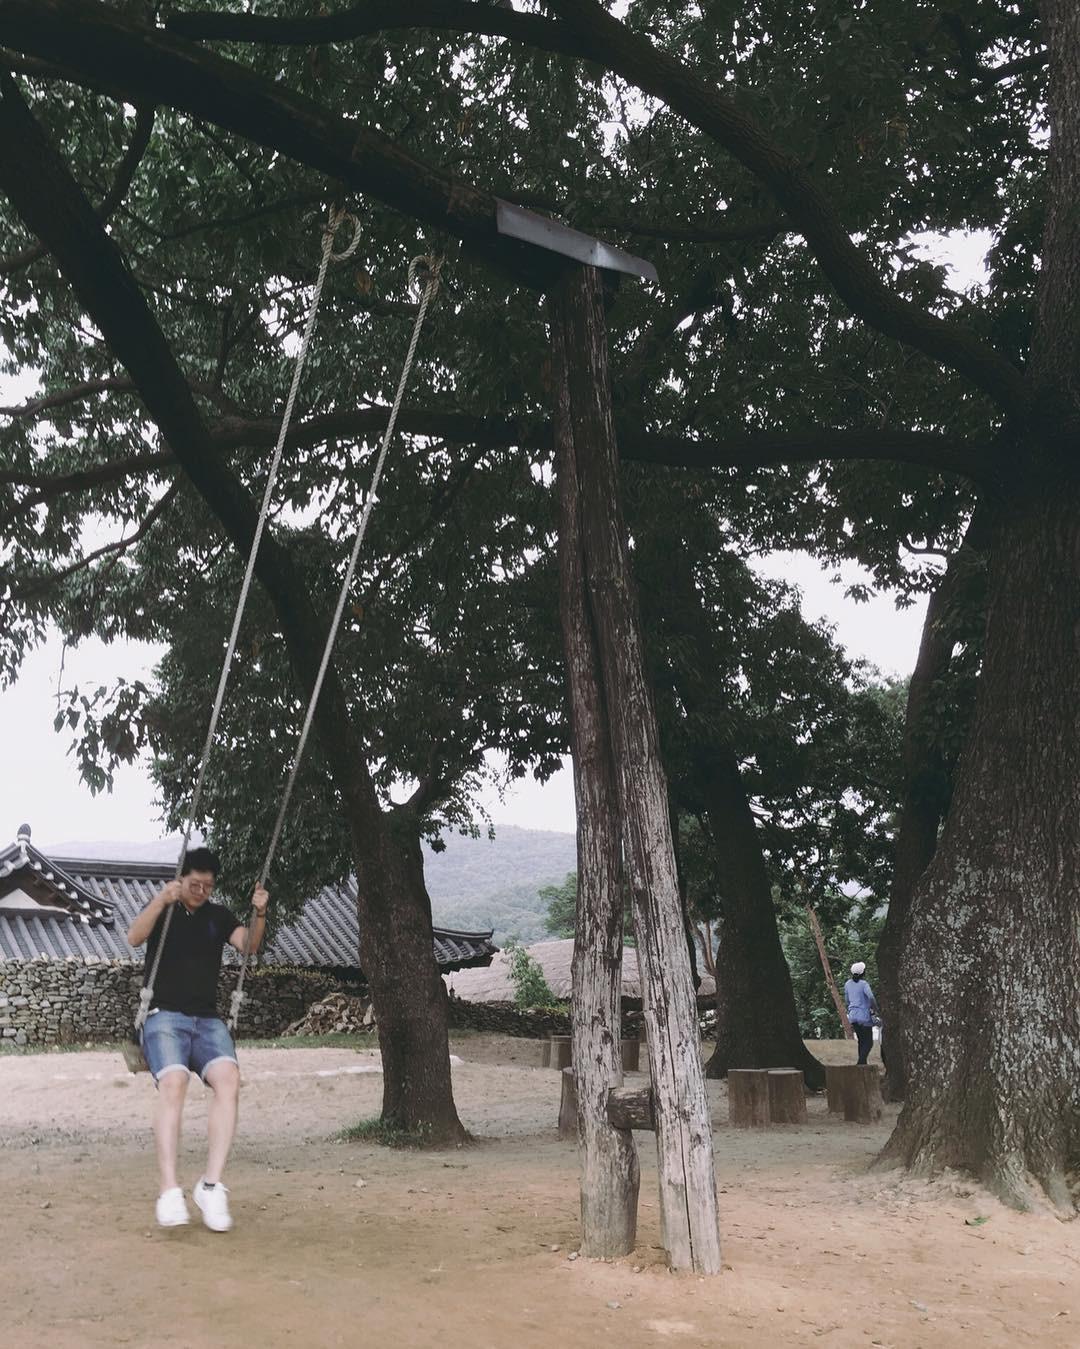 Thong thong khám phá văn hóa truyền thống tại 5 ngôi làng cổ đặc sắc nhất xứ Hàn - Ảnh 29.